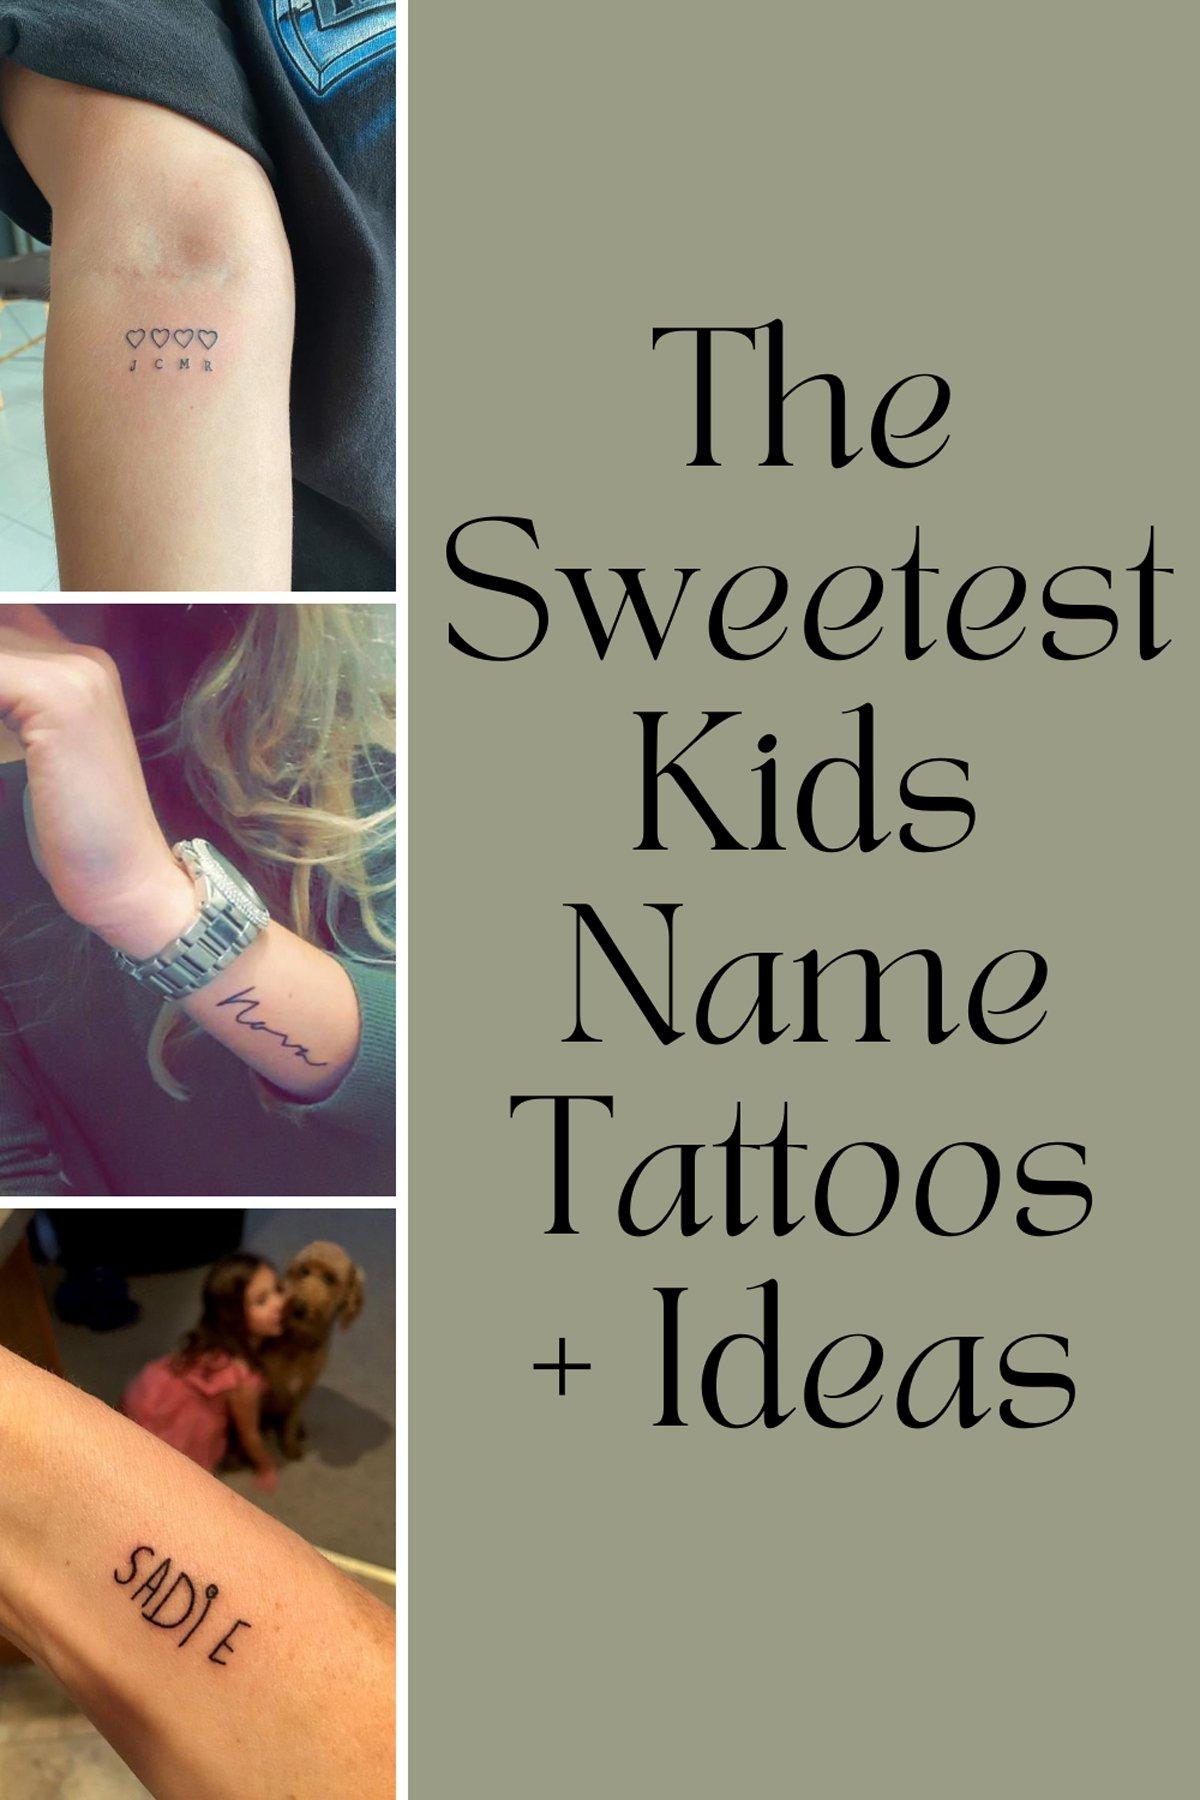 Kids Name Tattoos